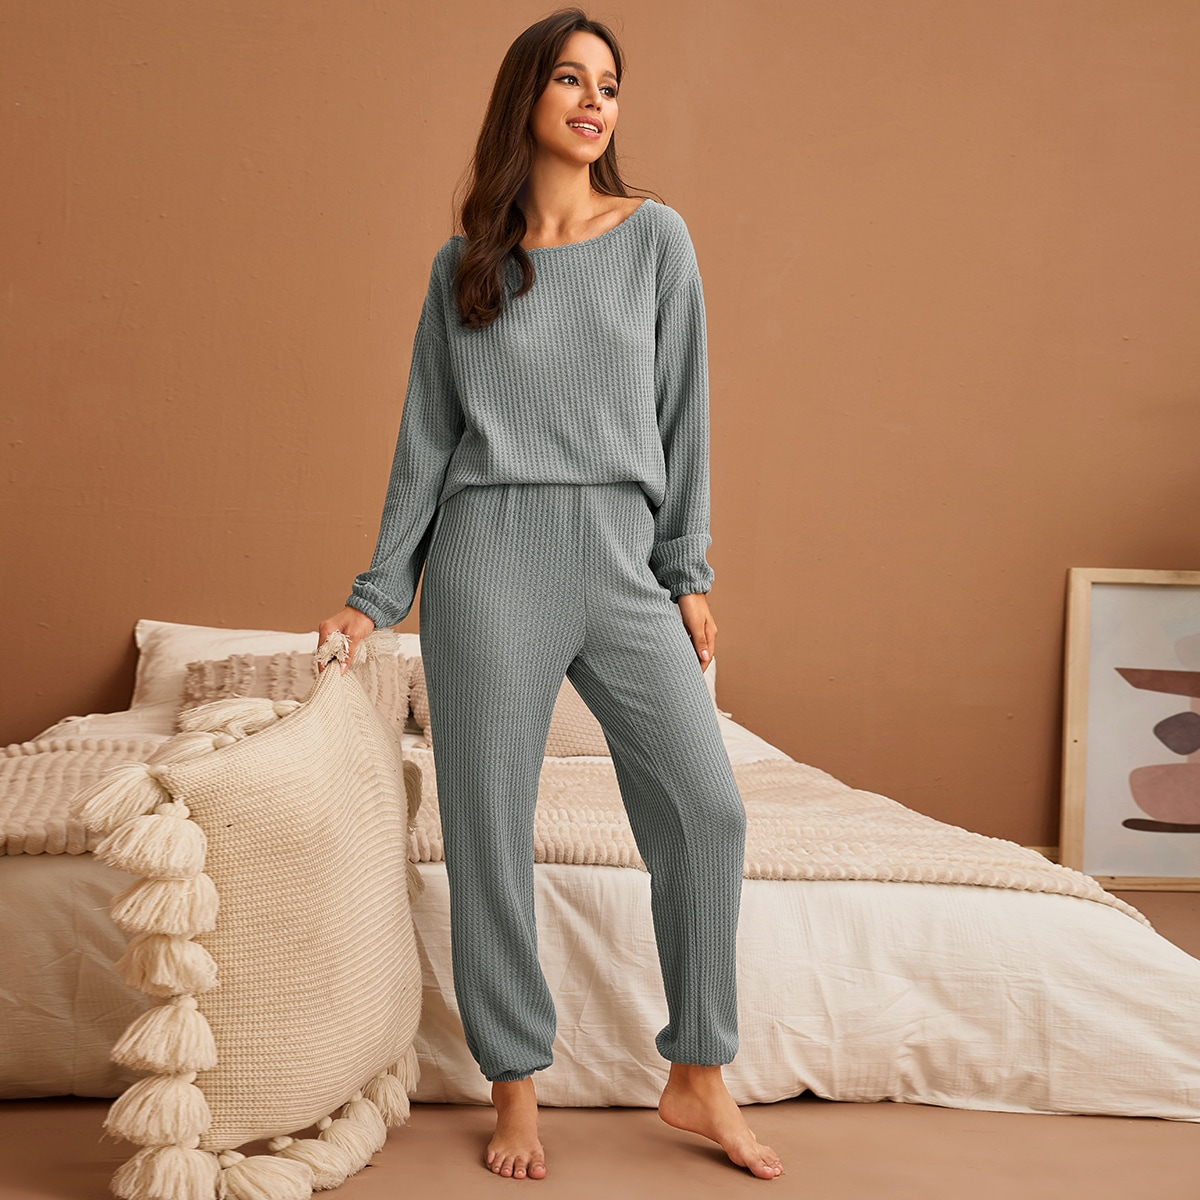 SHEIN / Waffelstrick Schlafanzug Set mit sehr tief angesetzter Schuterpartie